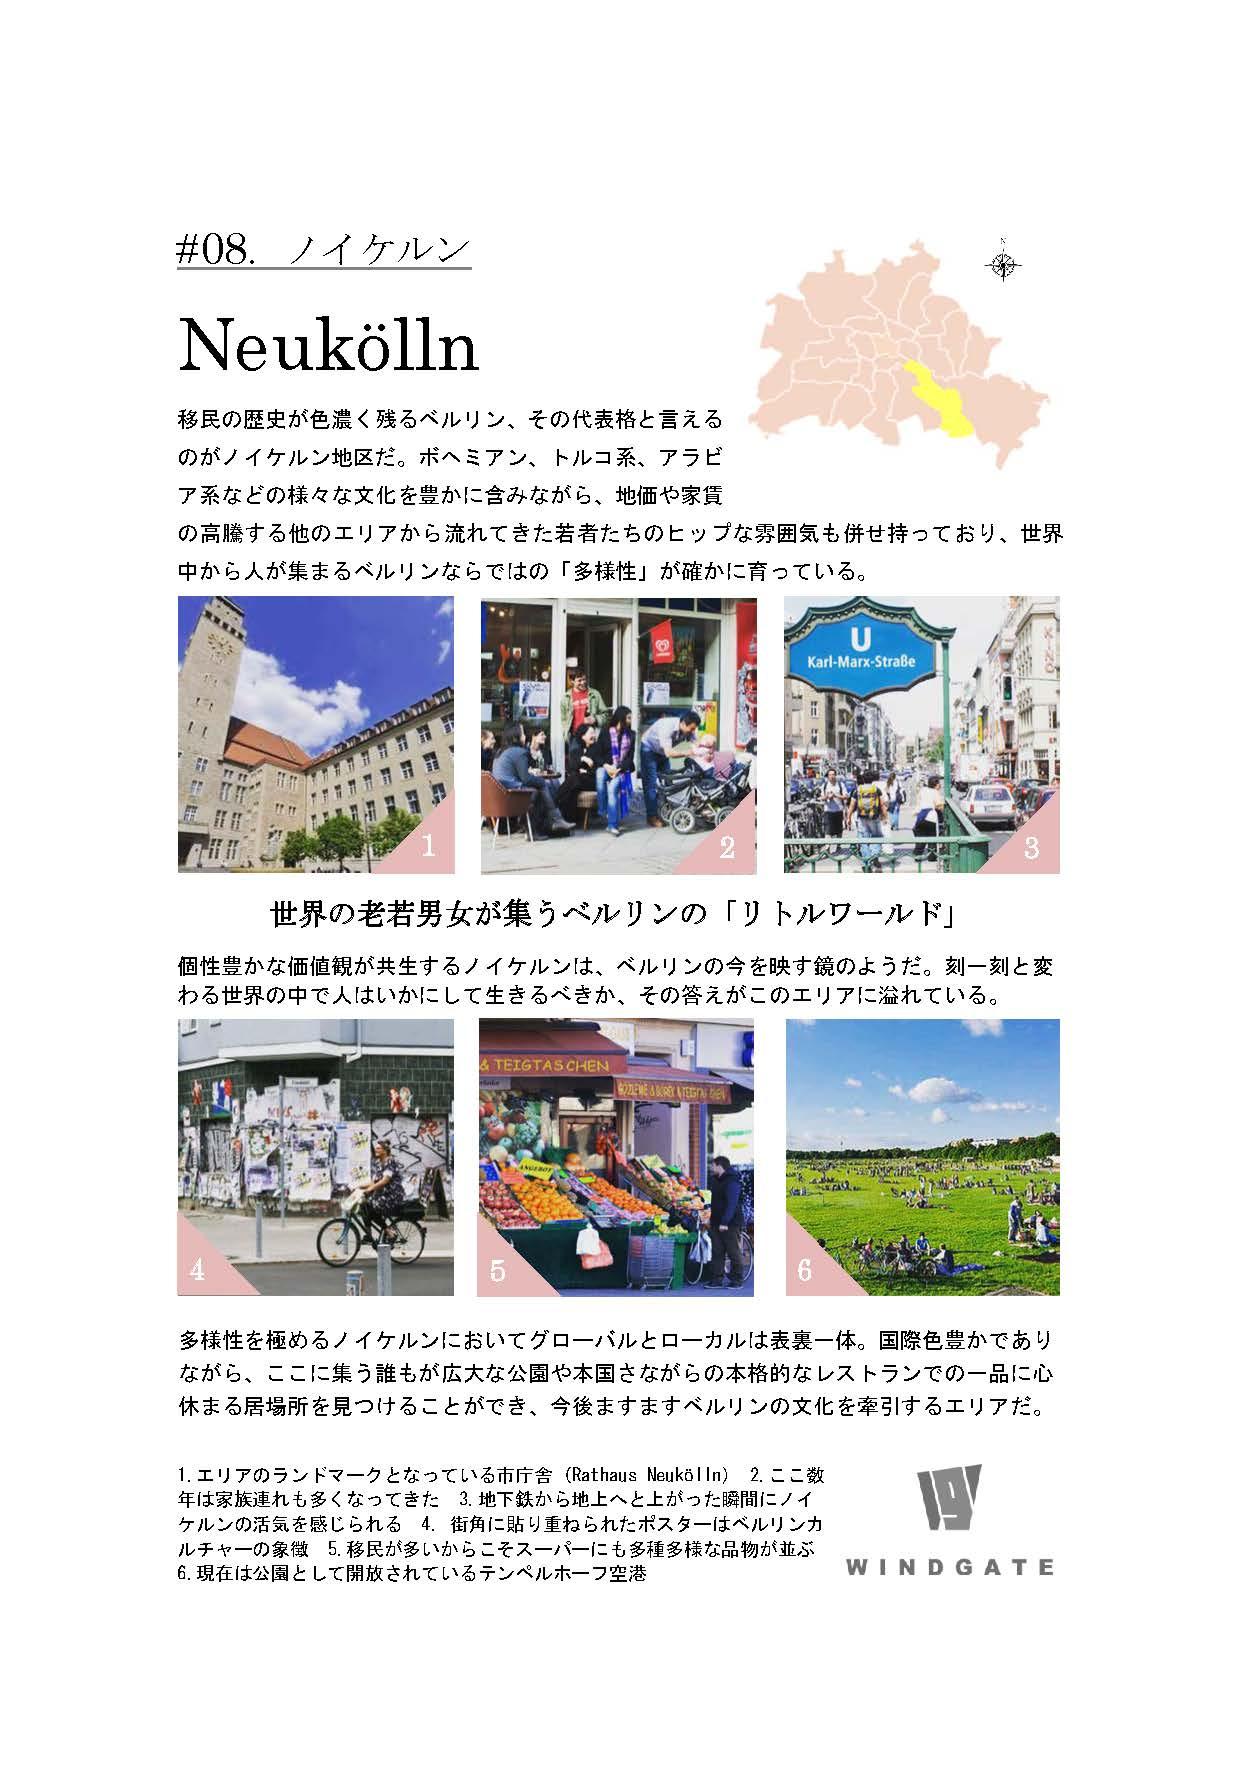 ベルリンエリア紹介【Neukölln】